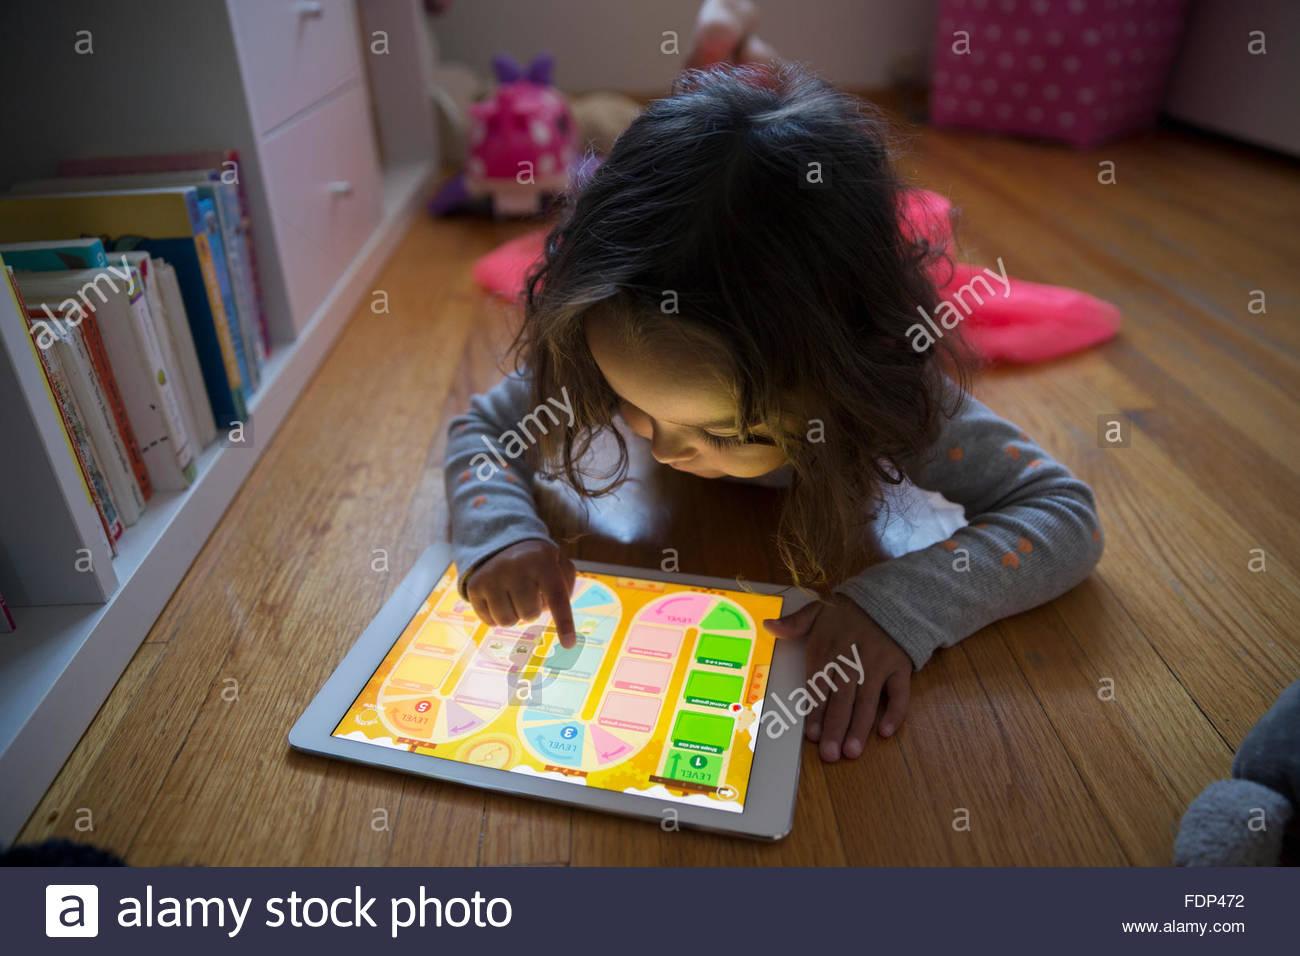 Chica jugando en tableta digital en el piso Imagen De Stock